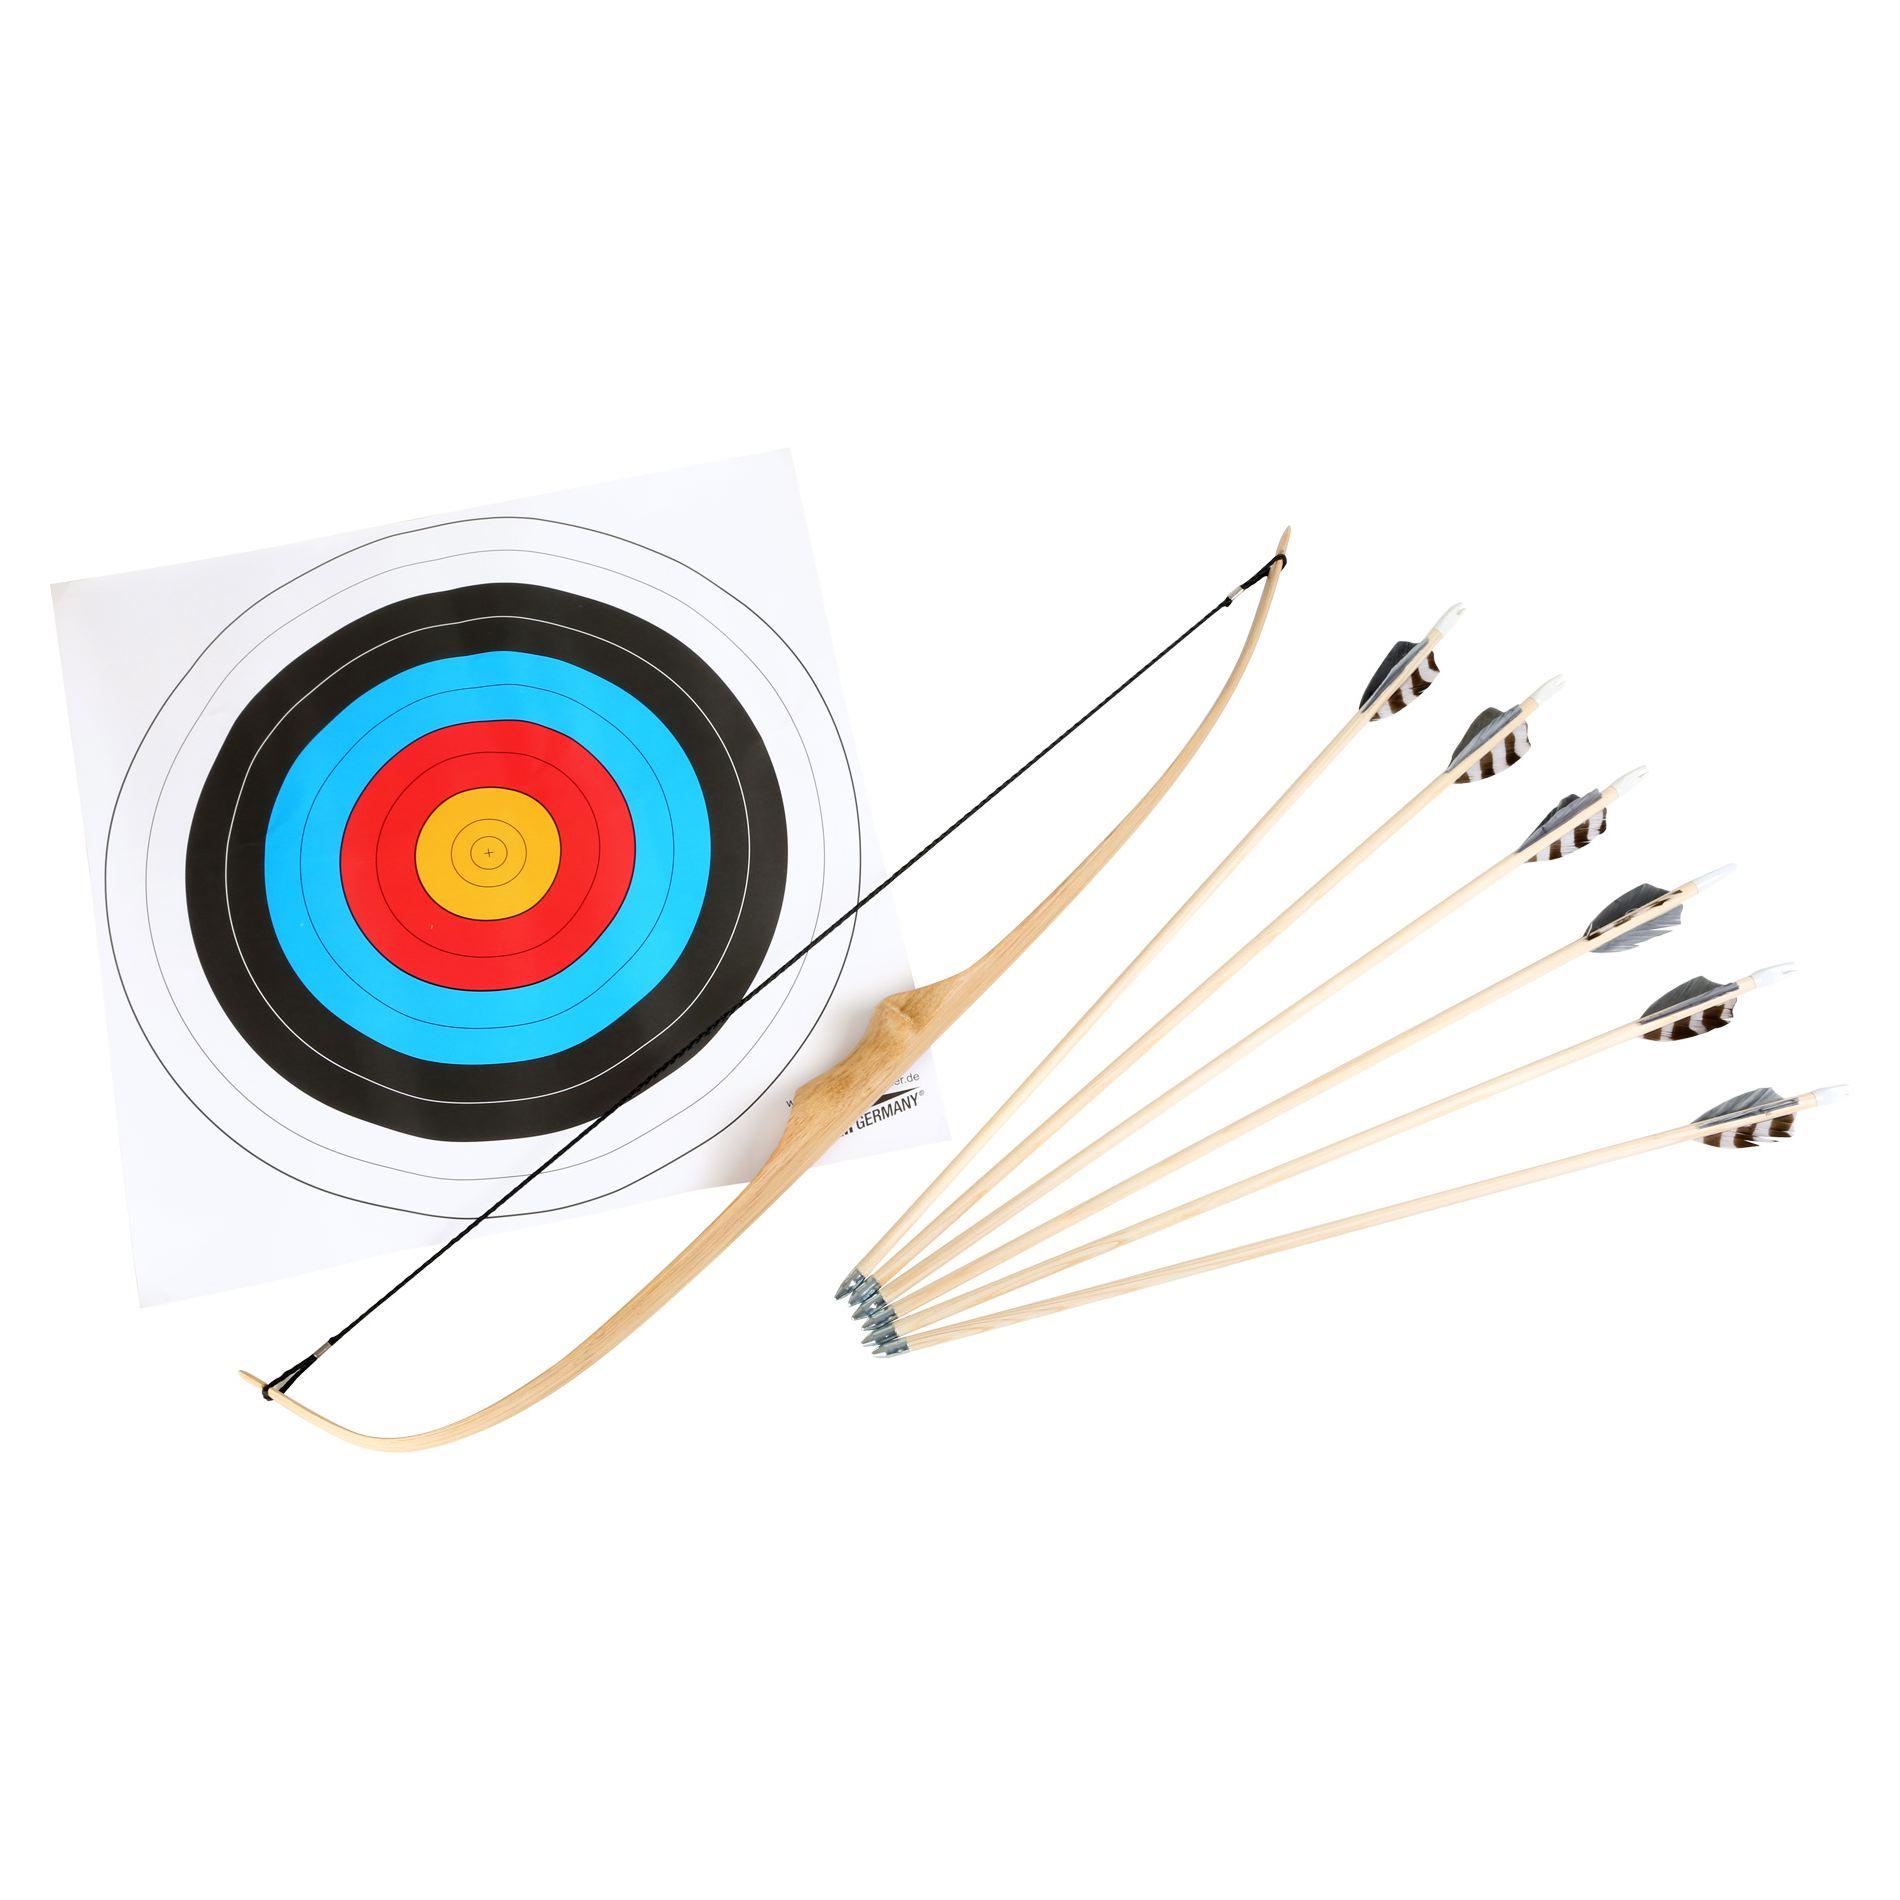 Set amatoriale Tiro con l'arco in legno e metallo con frecce e bersaglio